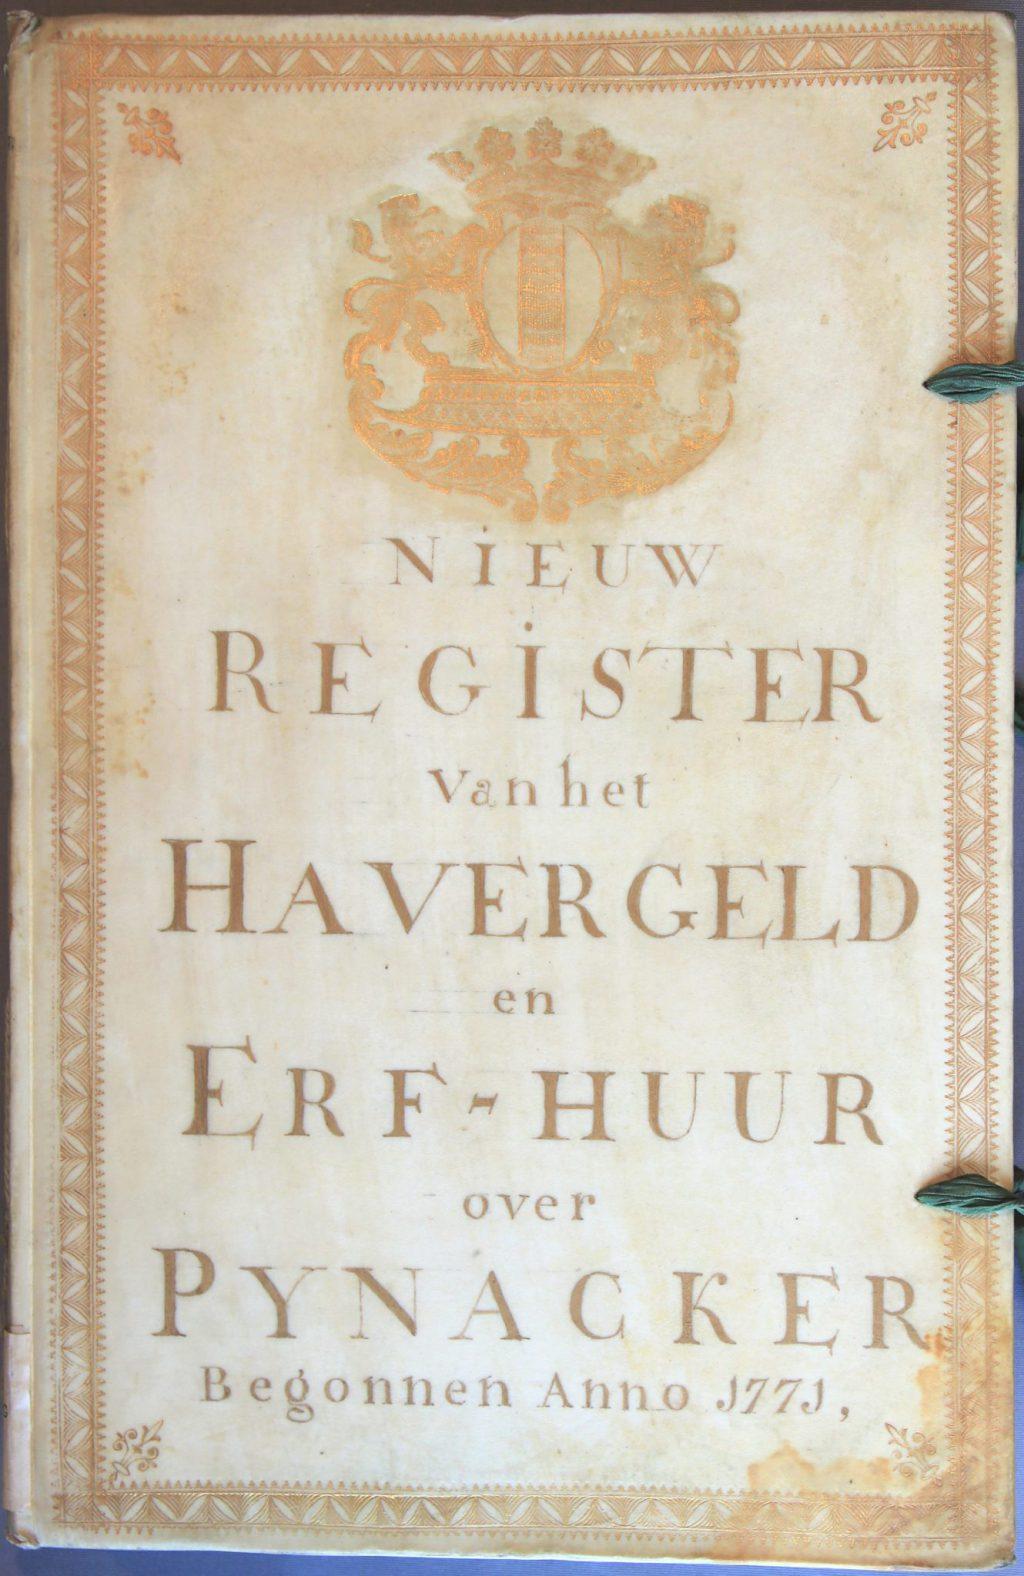 Voorzijde van het register van de haverpacht en de erfhuur van Pijnacker, 1771 (Archief 1, inv.nr 1173)